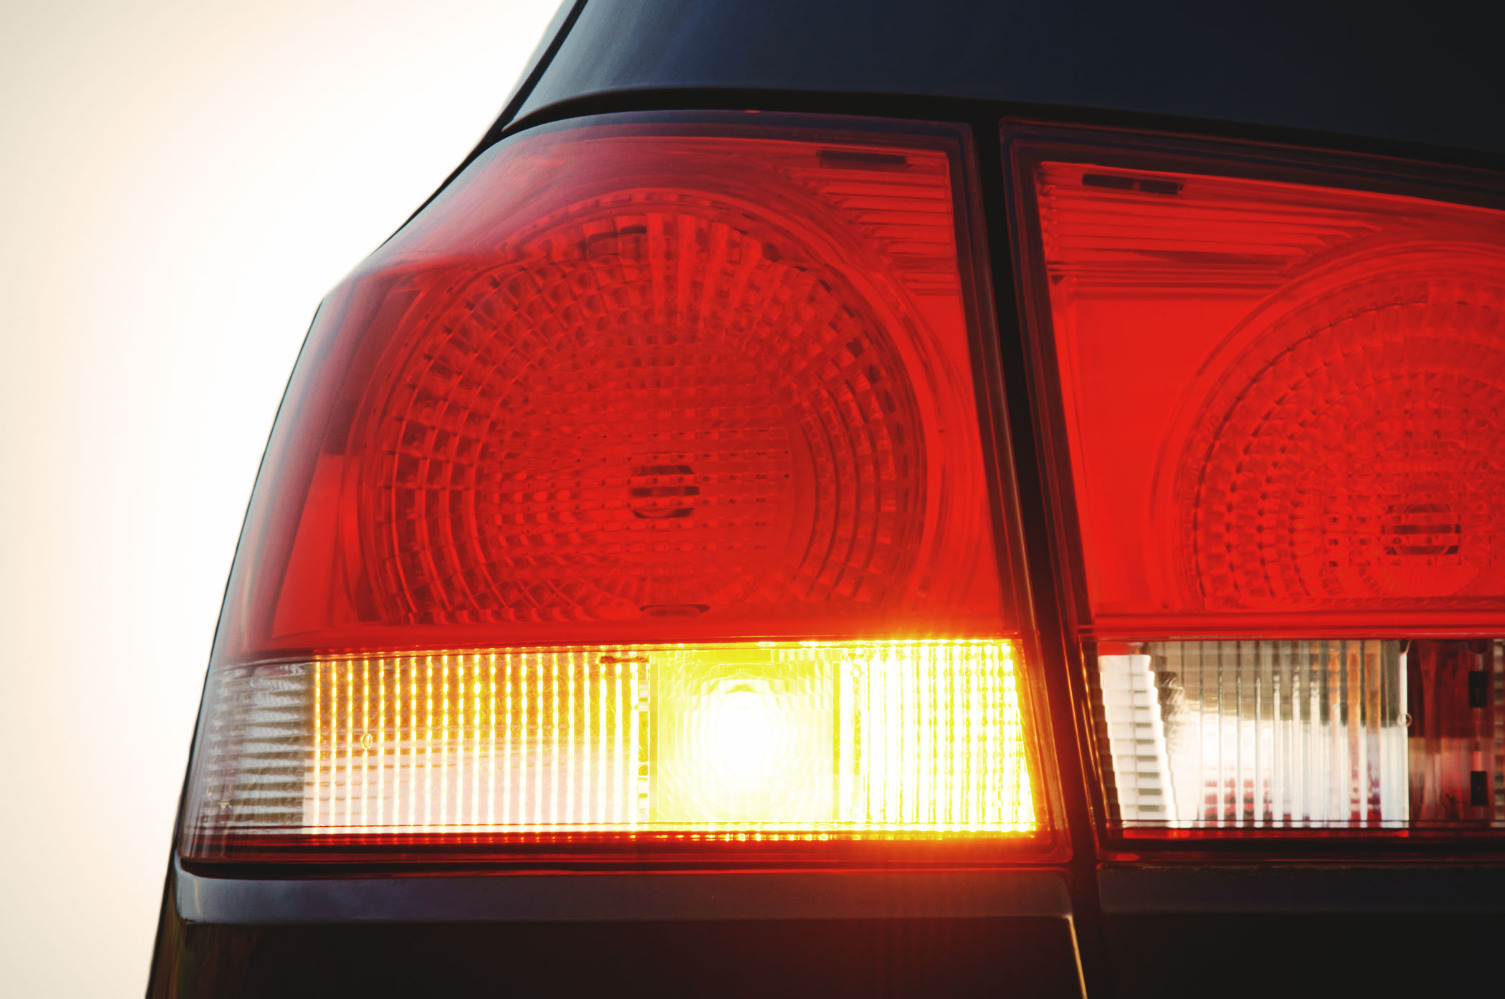 7 световых сигналов, которыми водители «общаются» друг с другом 1